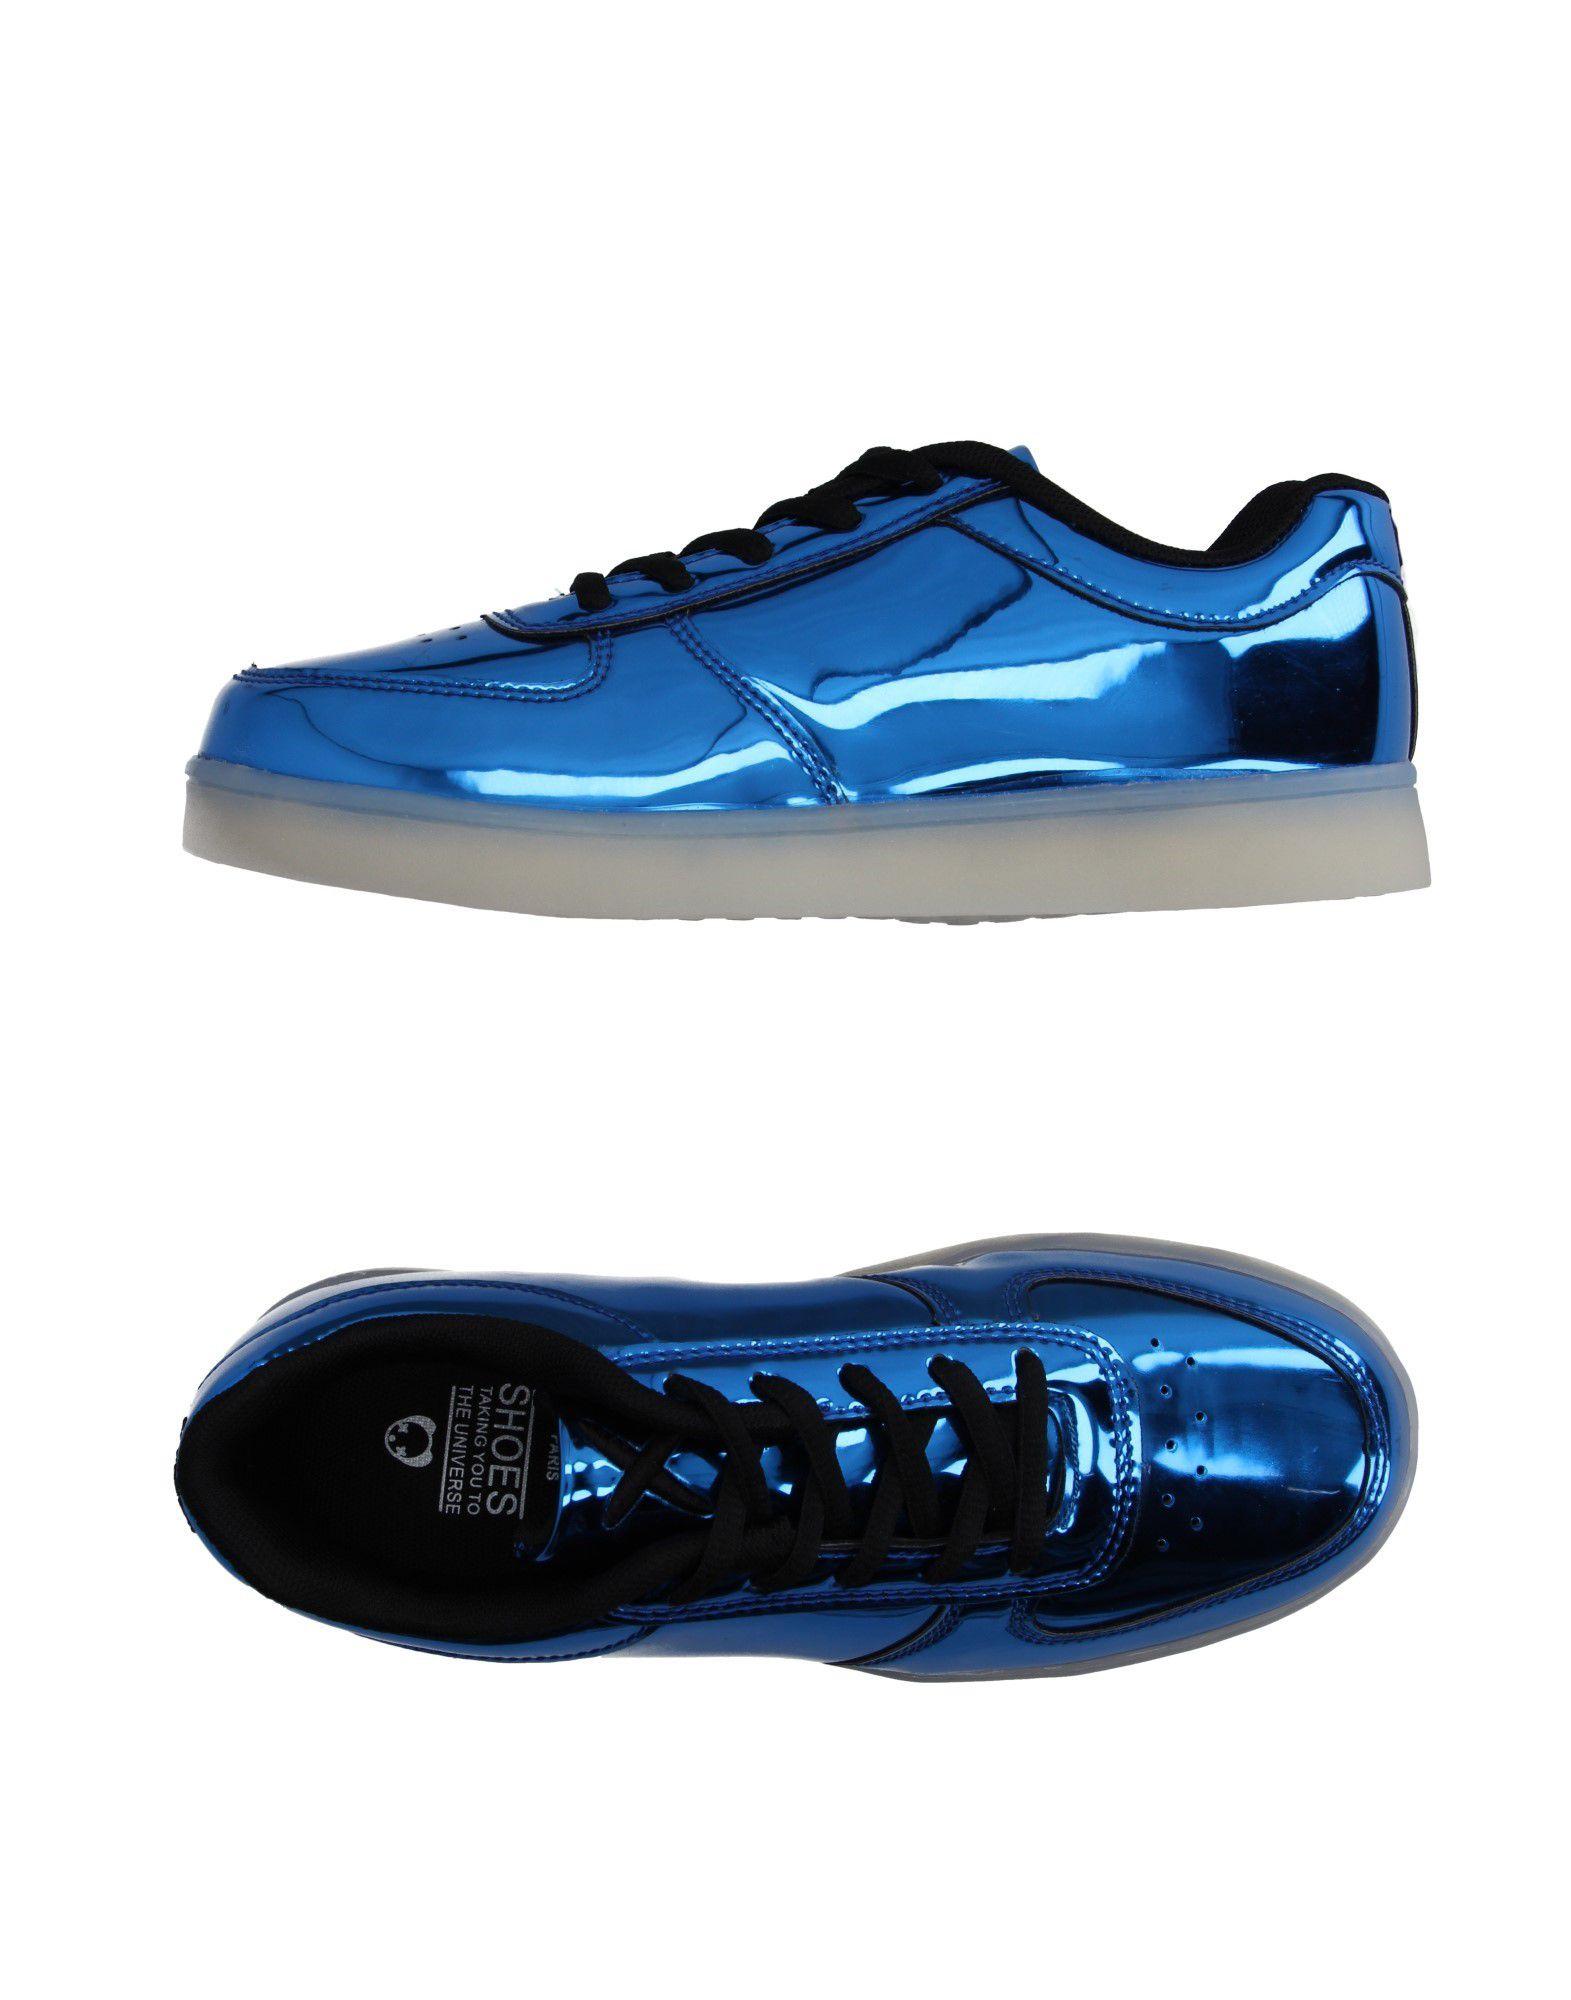 《送料無料》WIZE & OPE レディース スニーカー&テニスシューズ(ローカット) ブライトブルー 5.5 紡績繊維